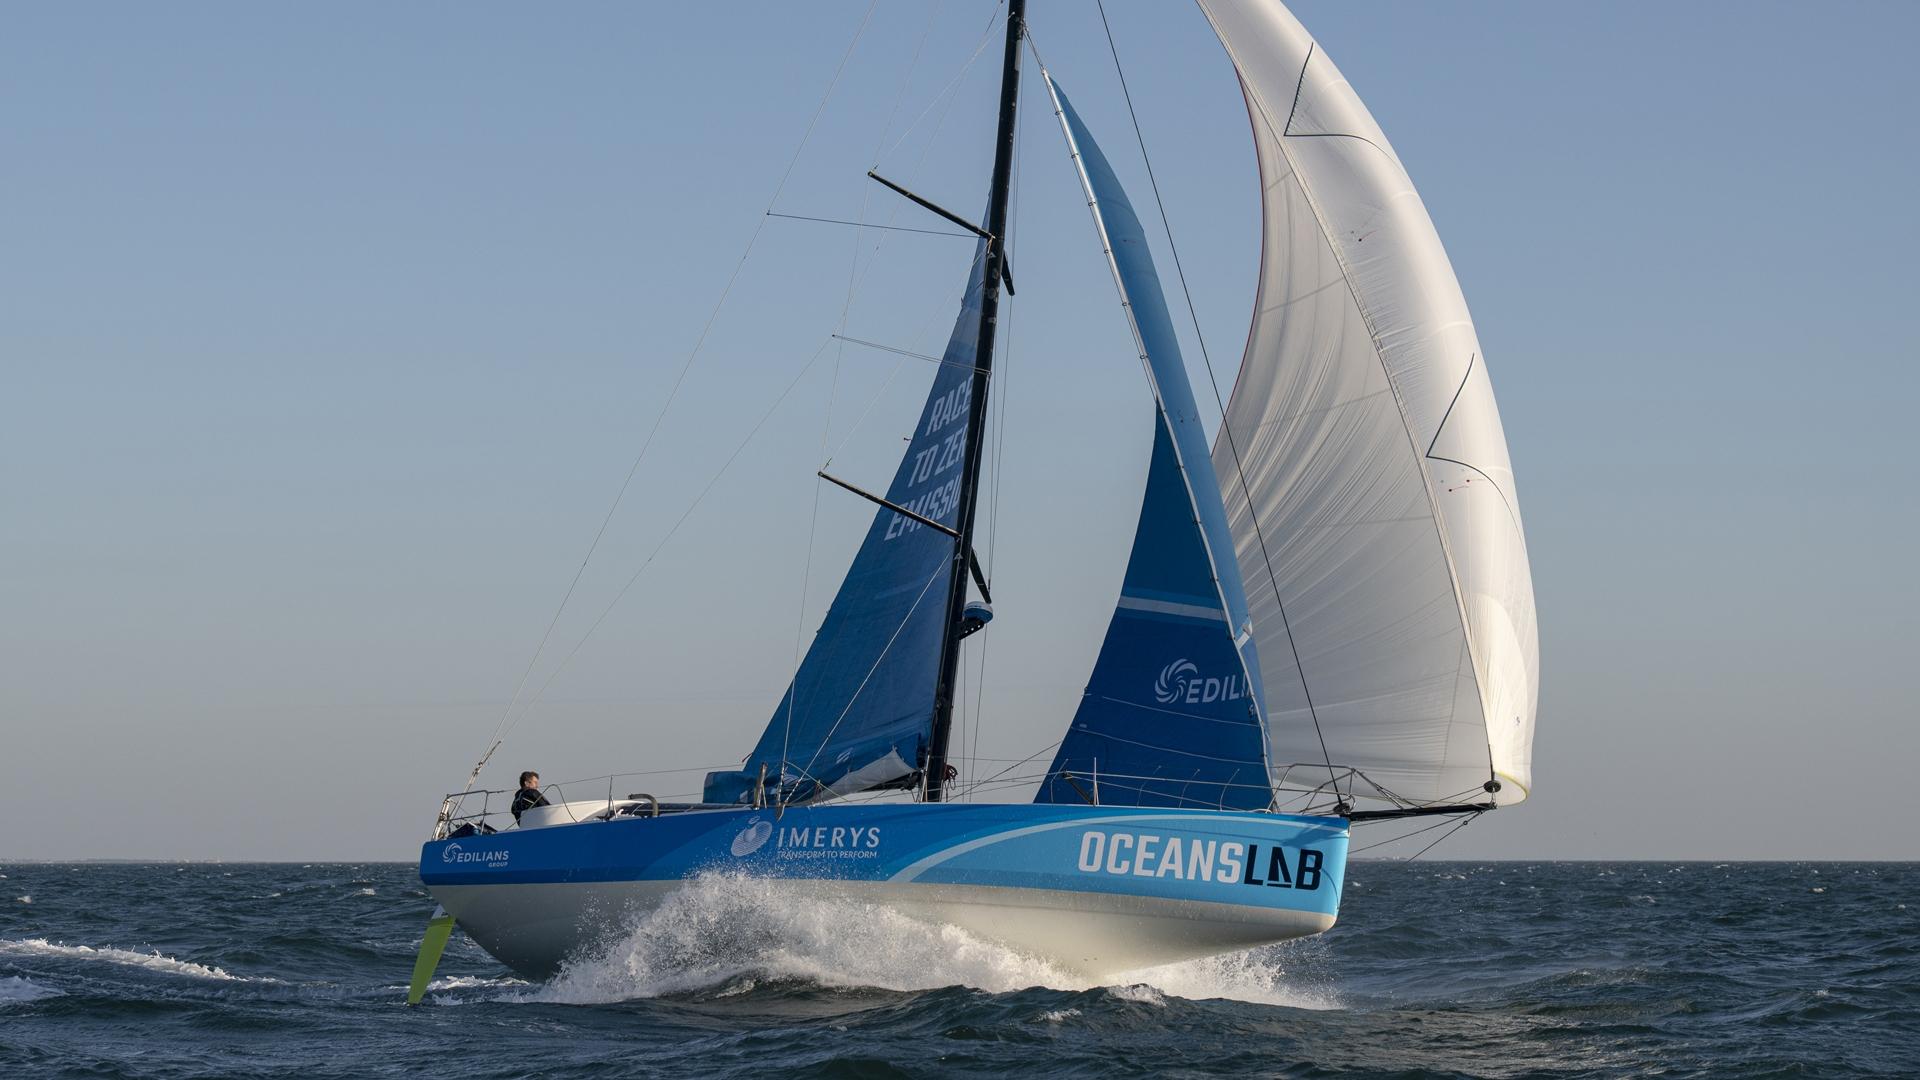 OceansLab Credit Olivier Blanchet Photographie.jpg